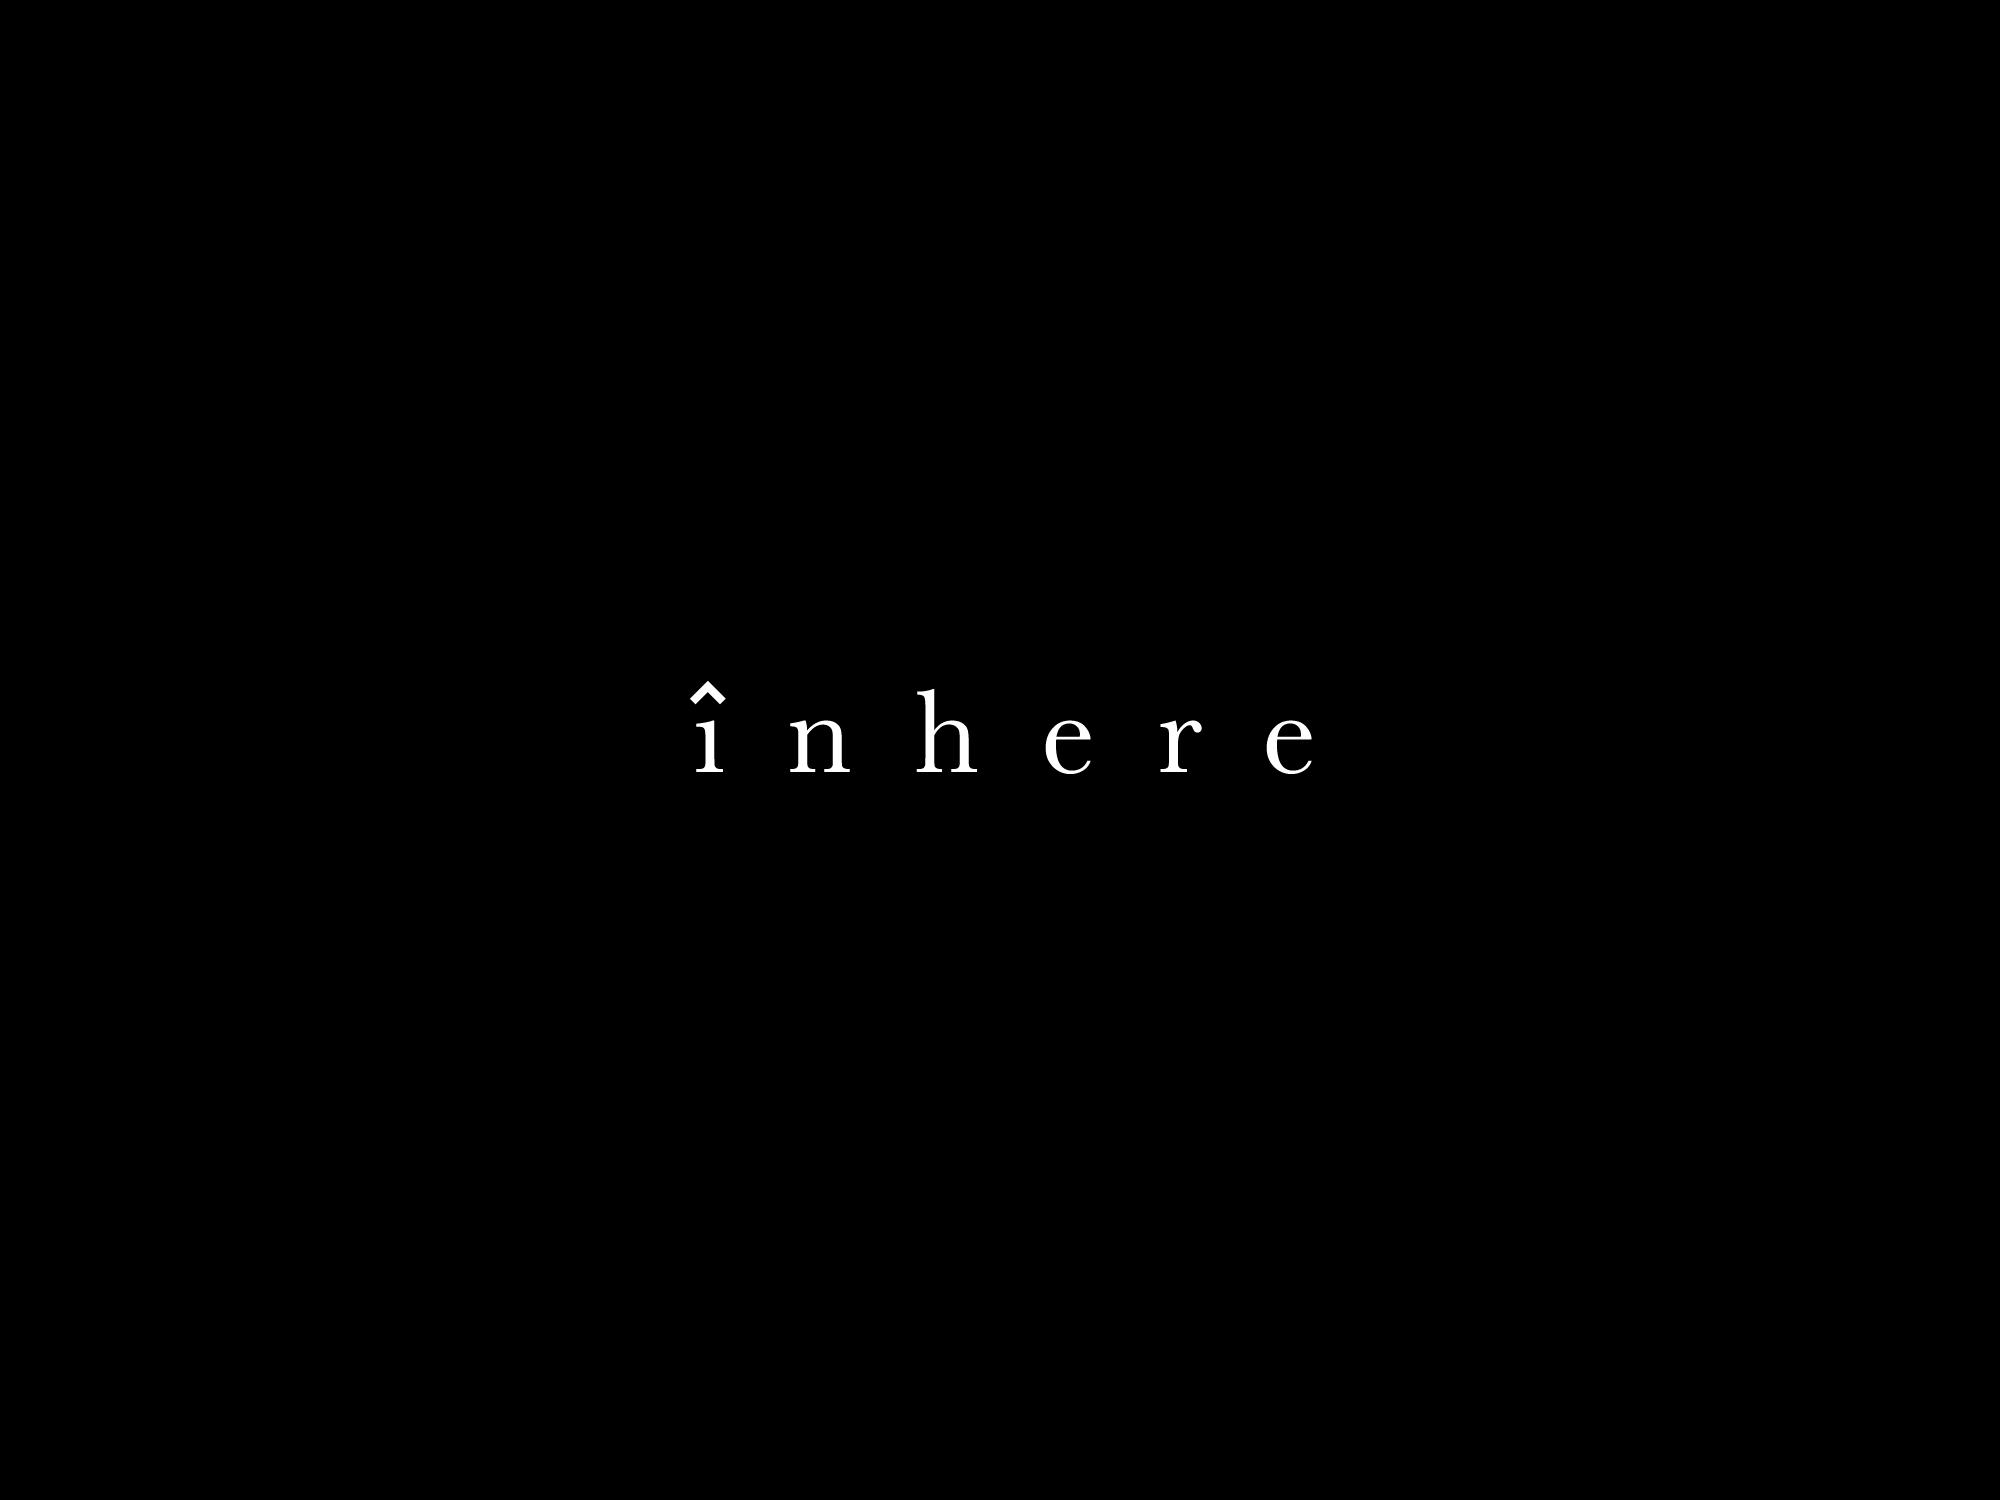 INHERE-LOGO.jpg